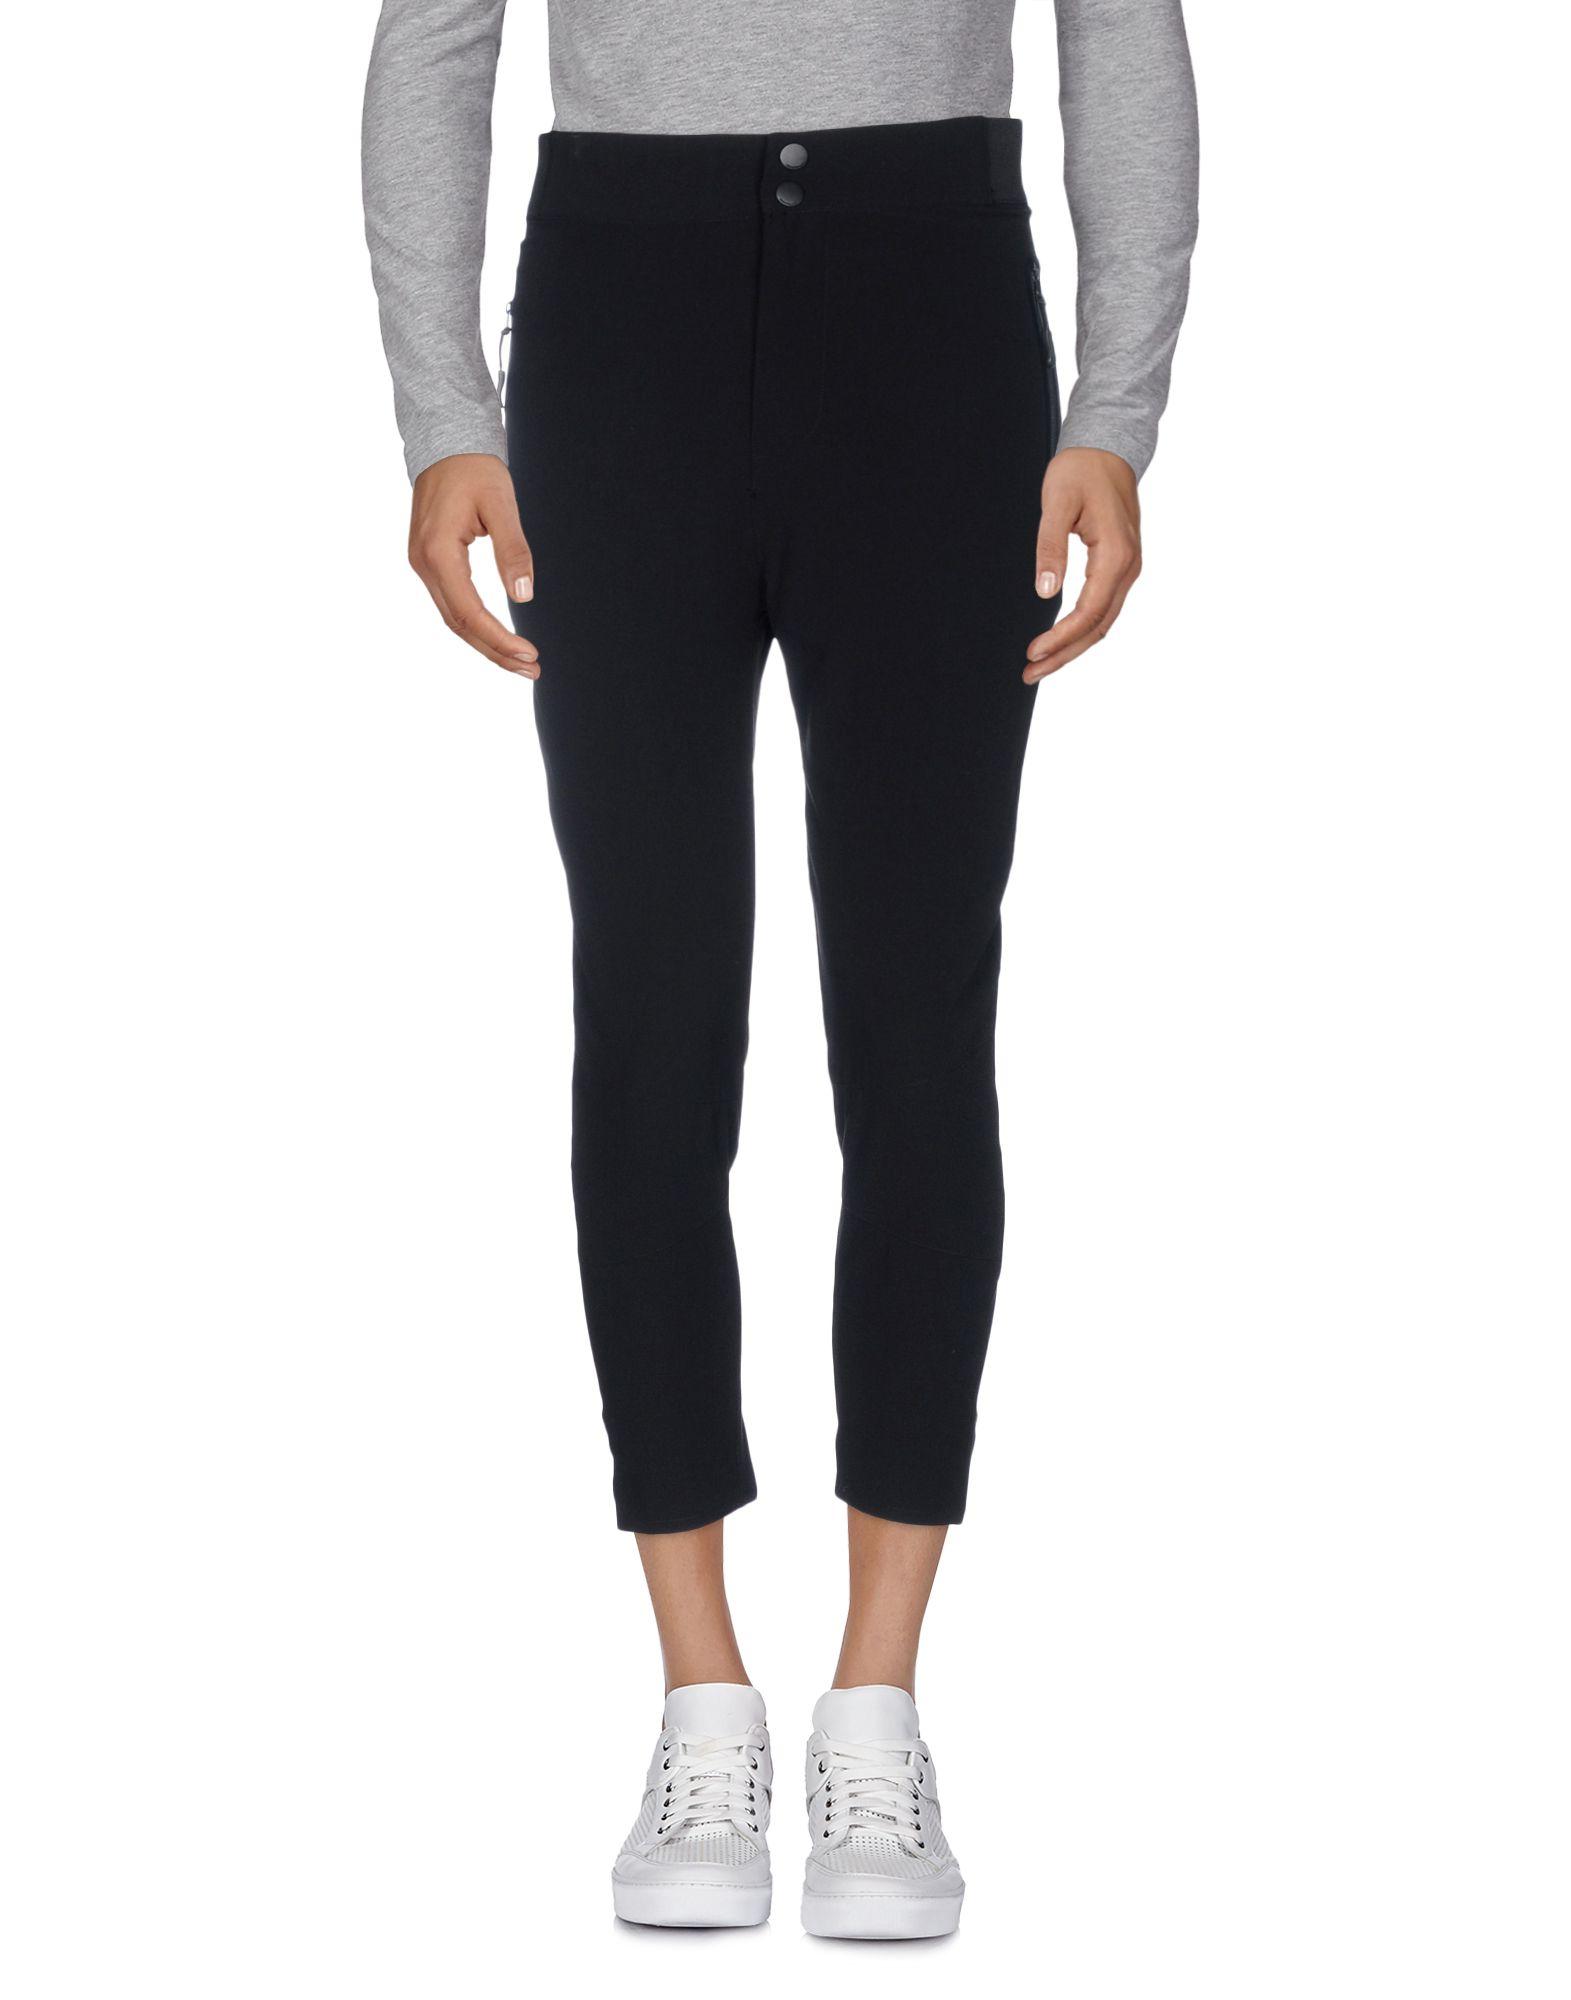 Pantalone Capri Brandblack Donna - Acquista online su